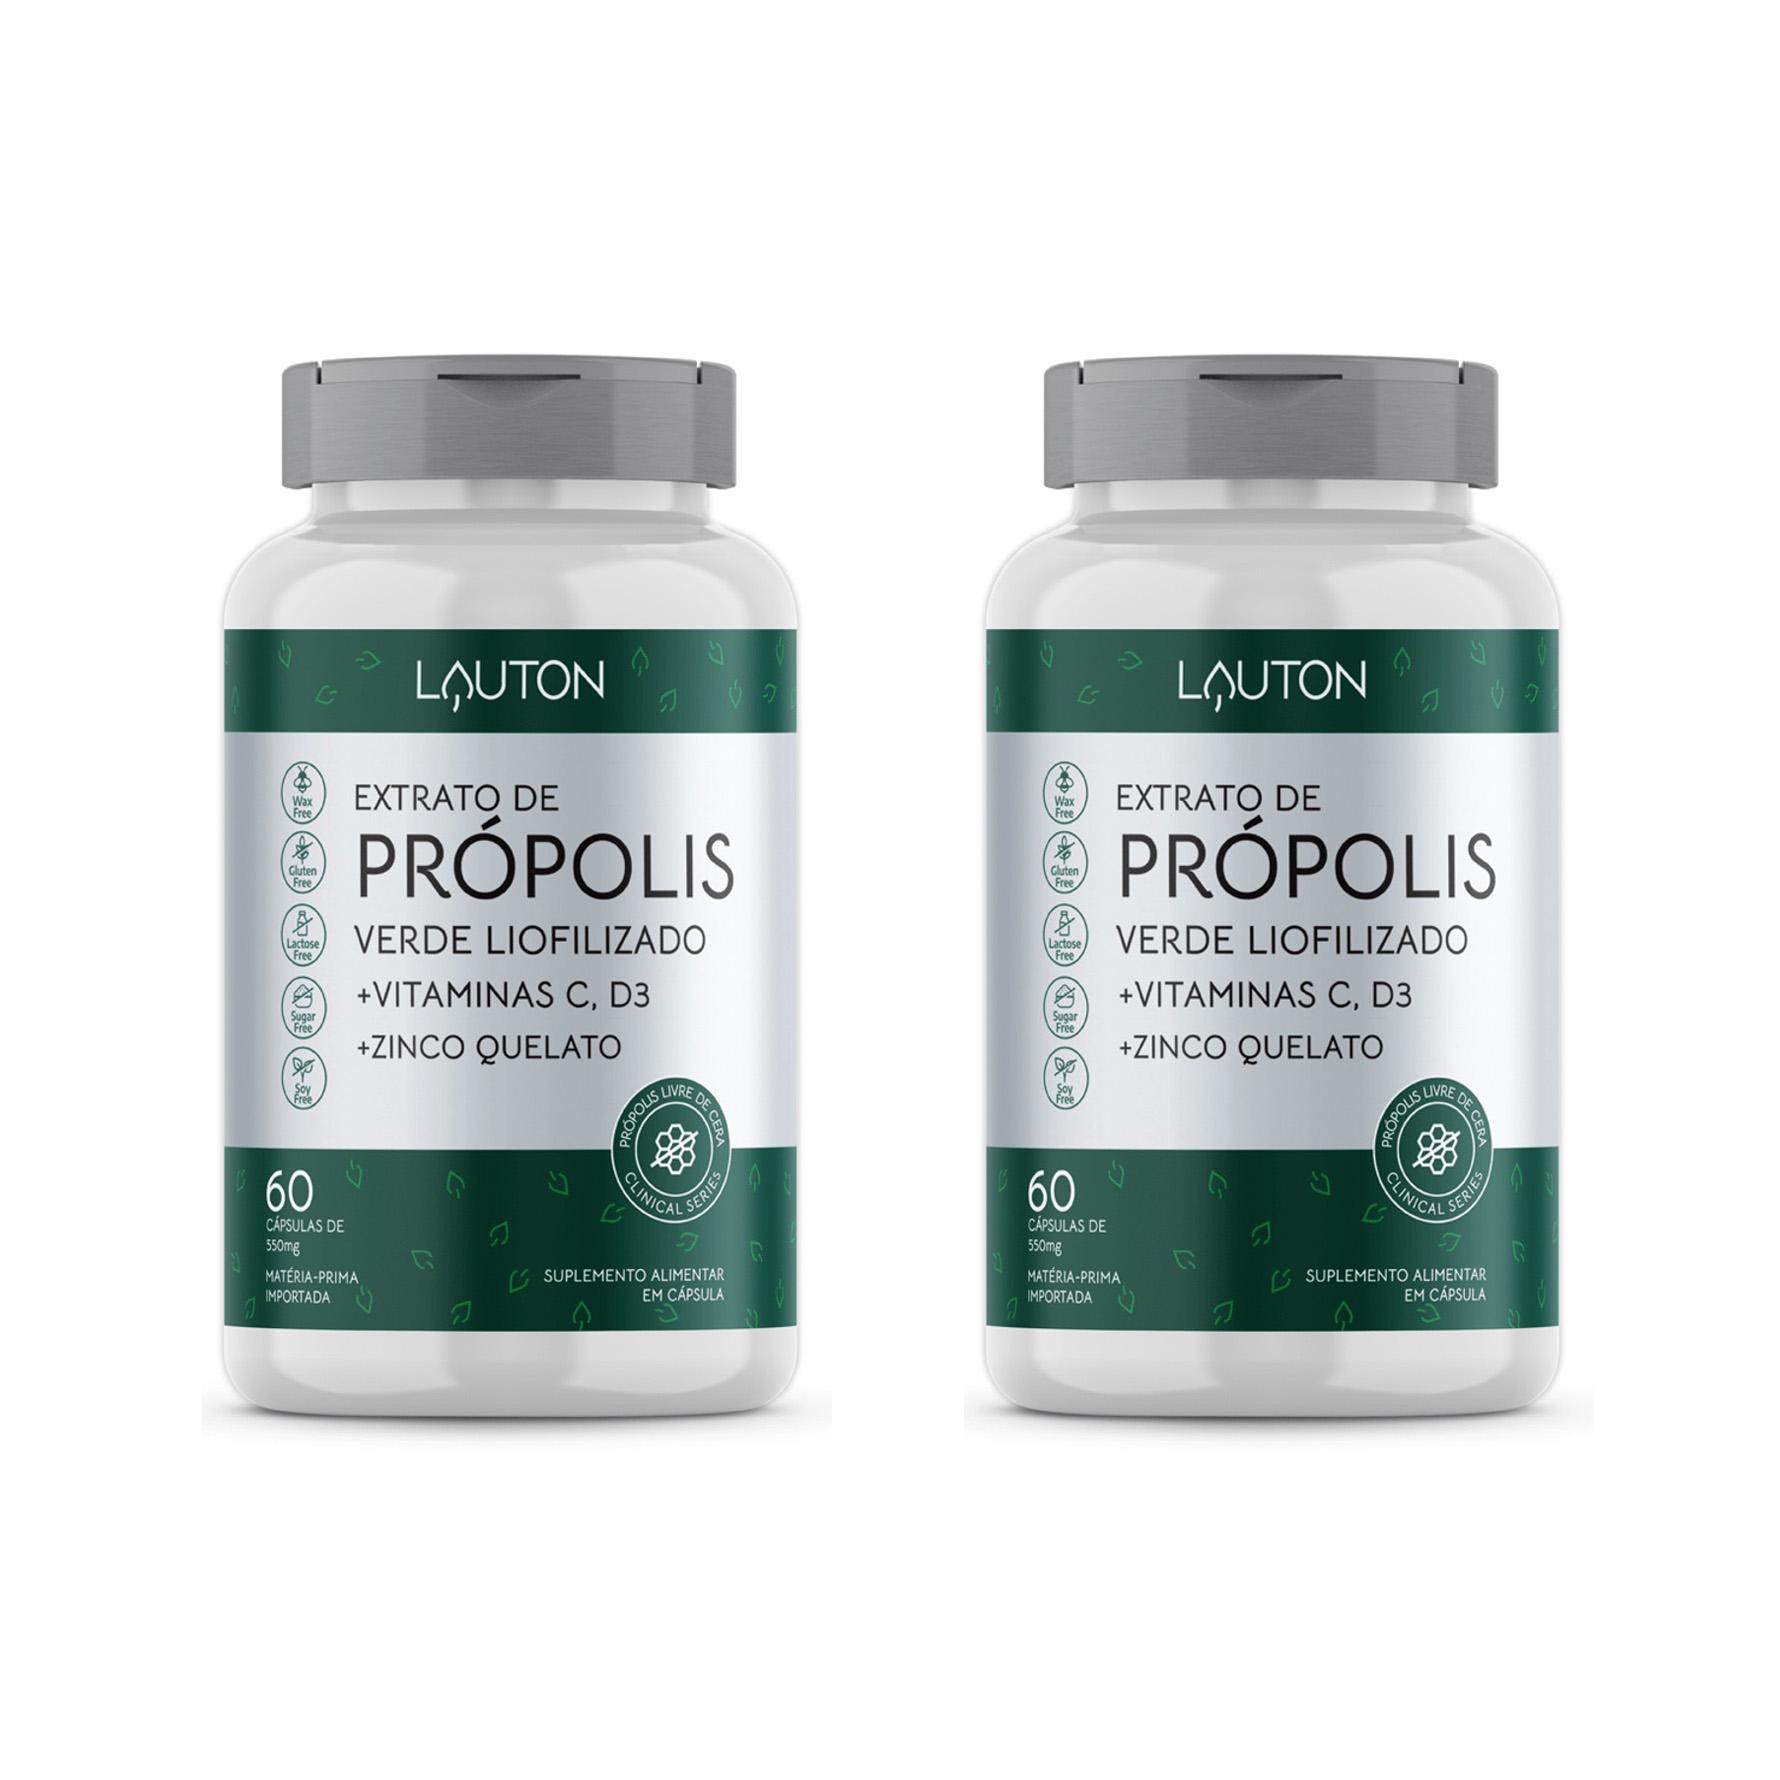 Extrato de Própolis Verde Liofilizado - 60 Cápsulas - Lauton Nutrition (2 Unidades)